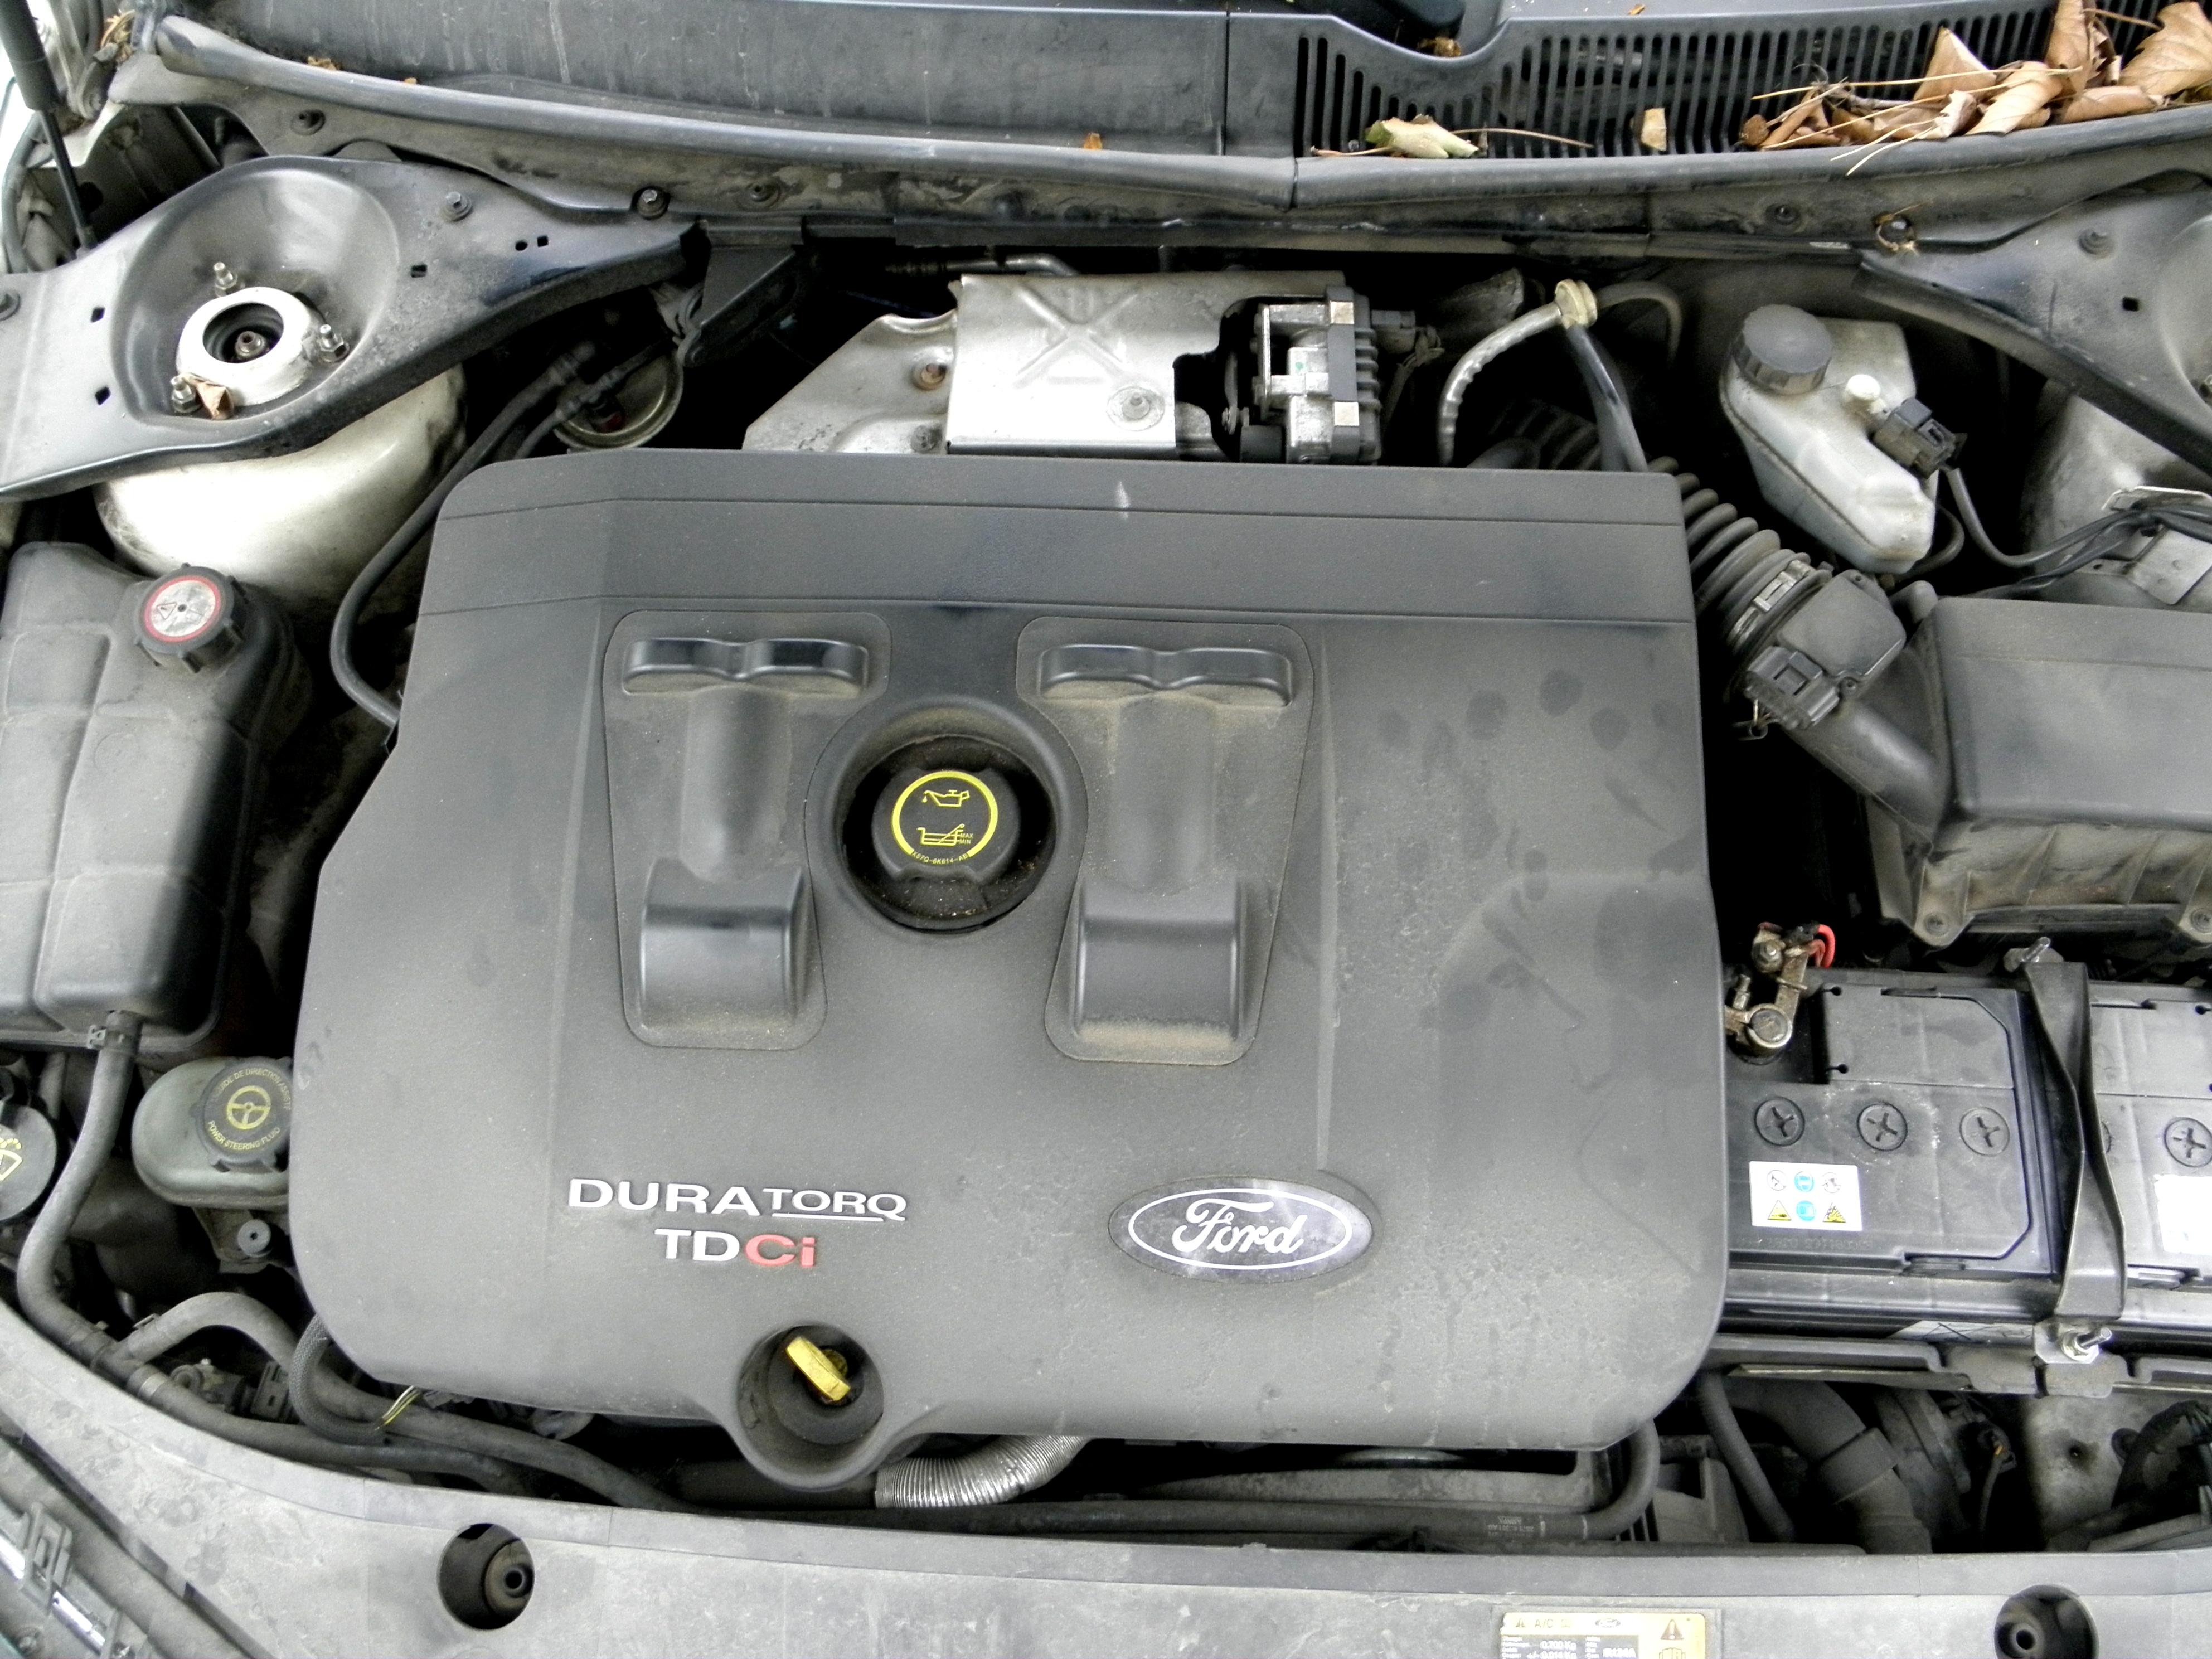 Diesel, benzina, hibrid sau electric: ce fel de motorizare e bine sa alegem cand cumparam un autoturism nou?